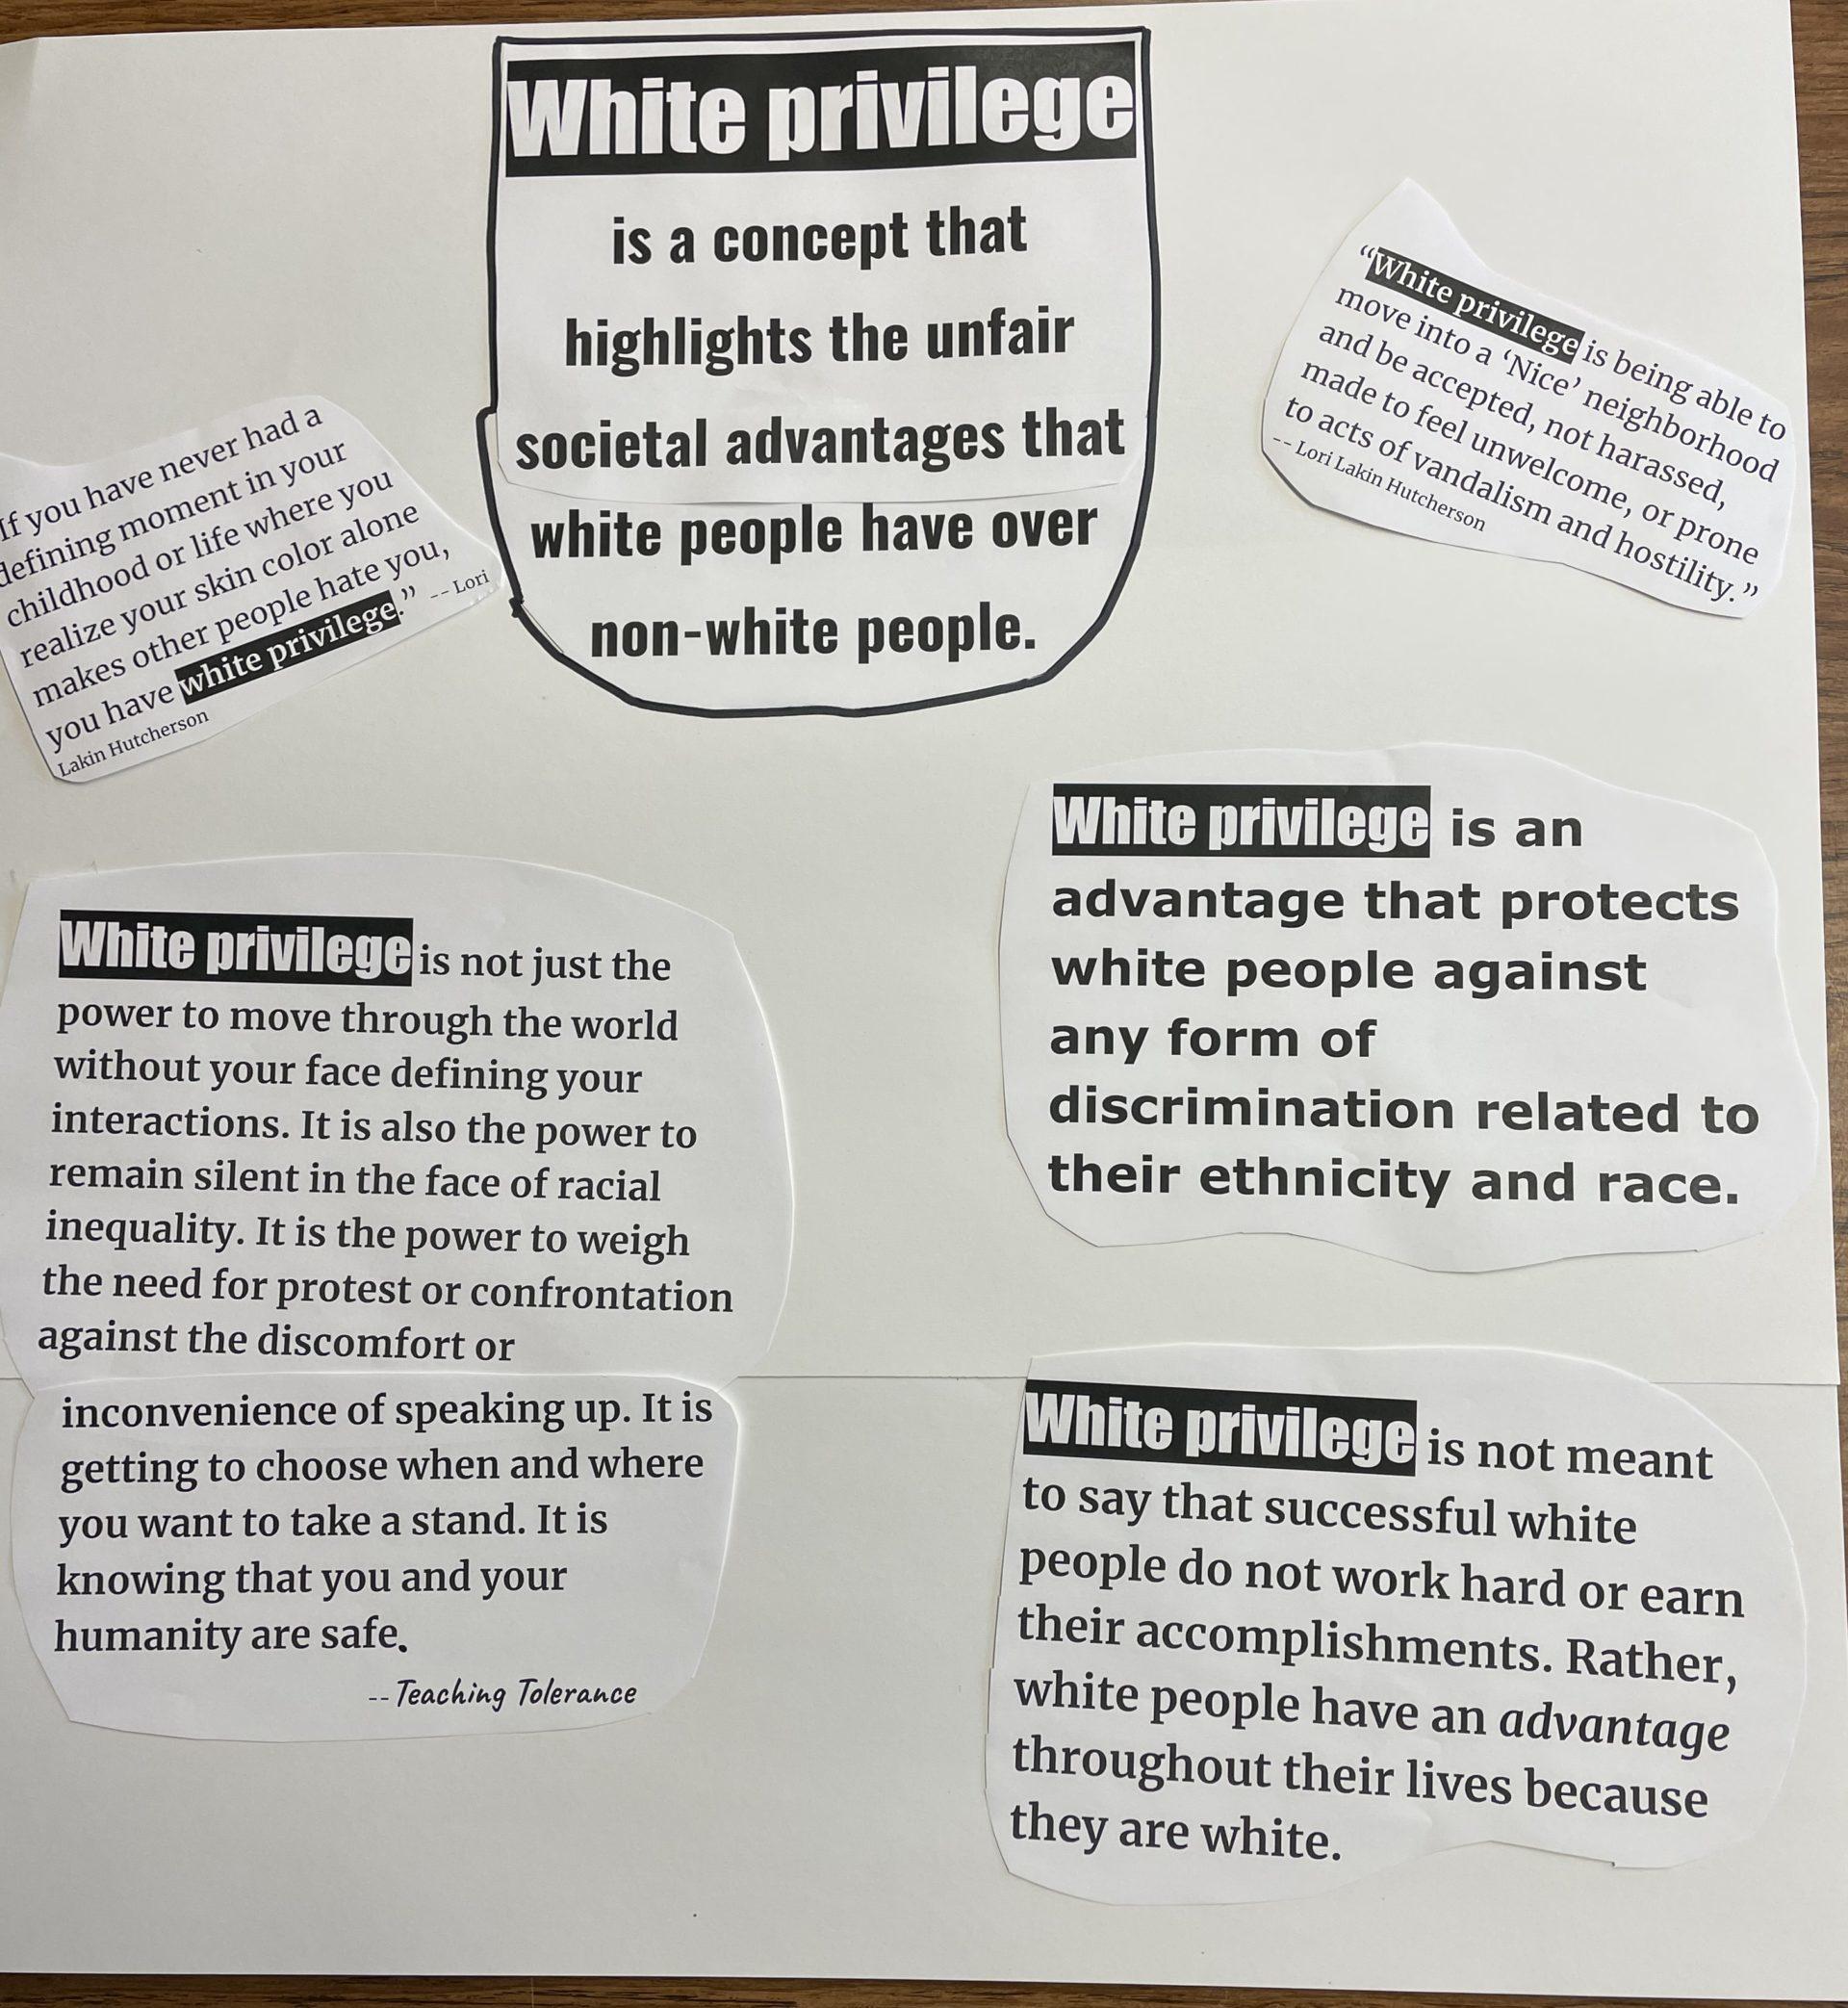 White privilege poster